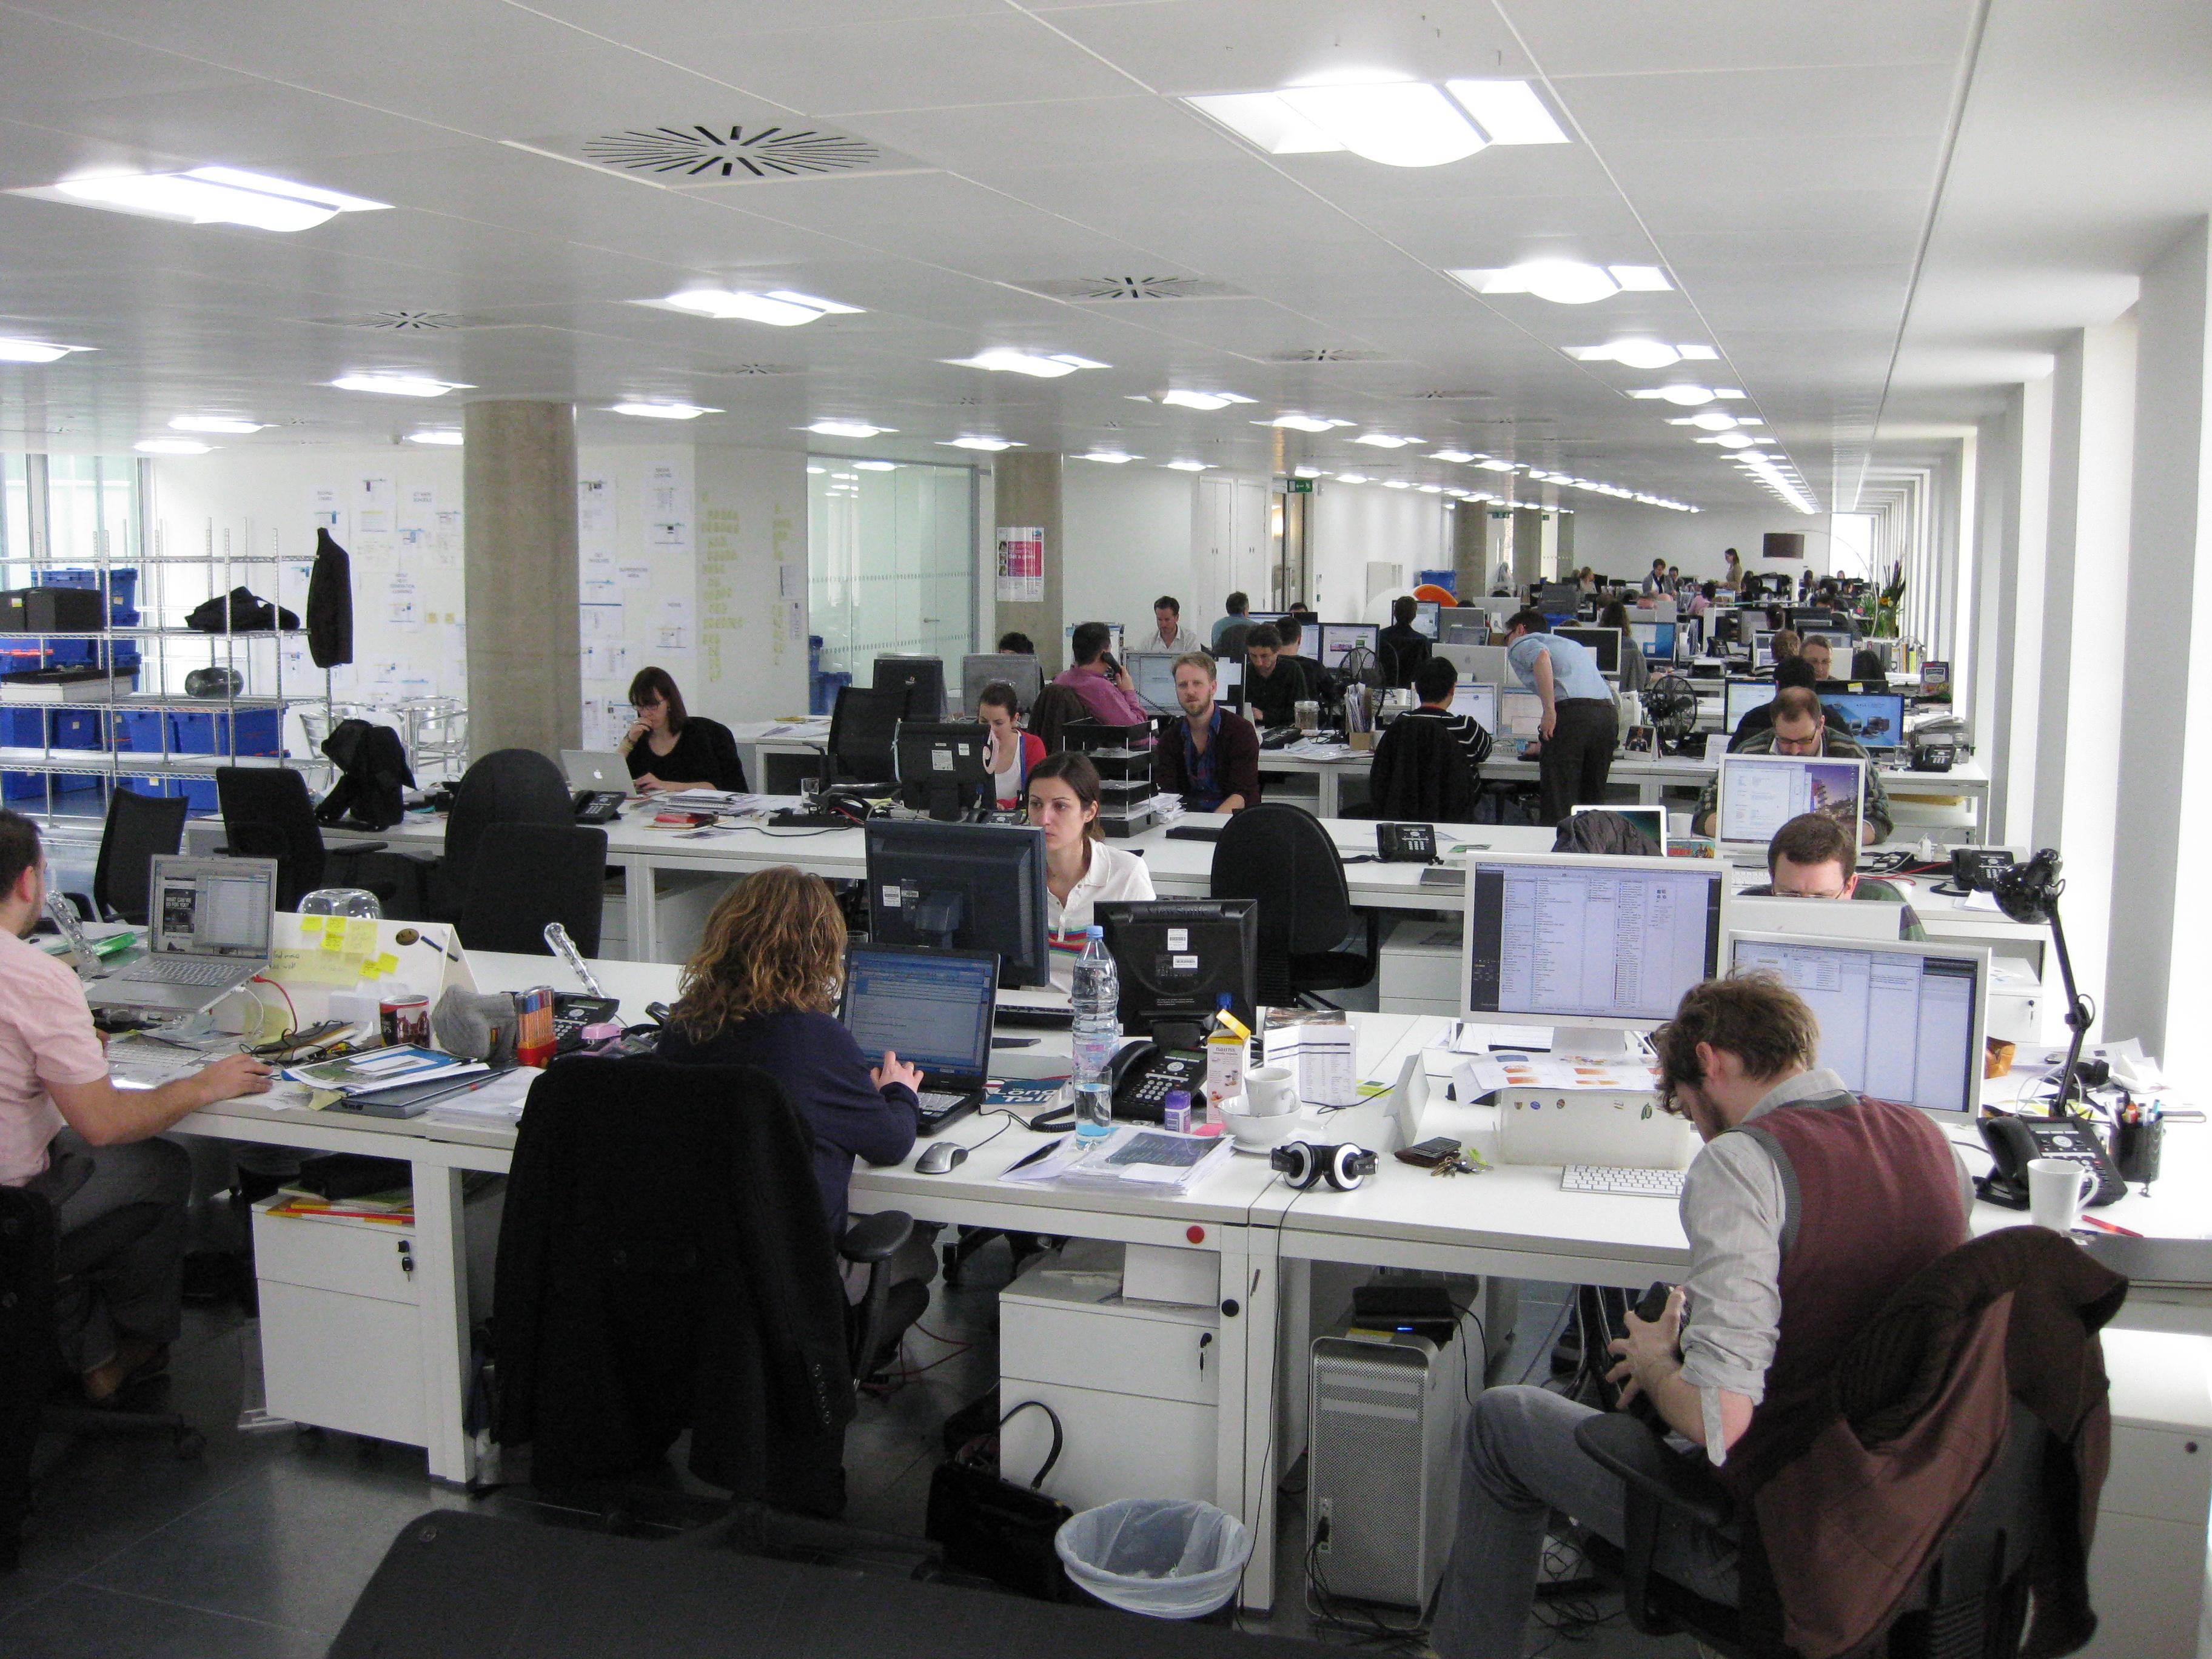 Исследование: 20% сотрудников компаний в России сохраняют доступ к рабочим файлам после увольнения